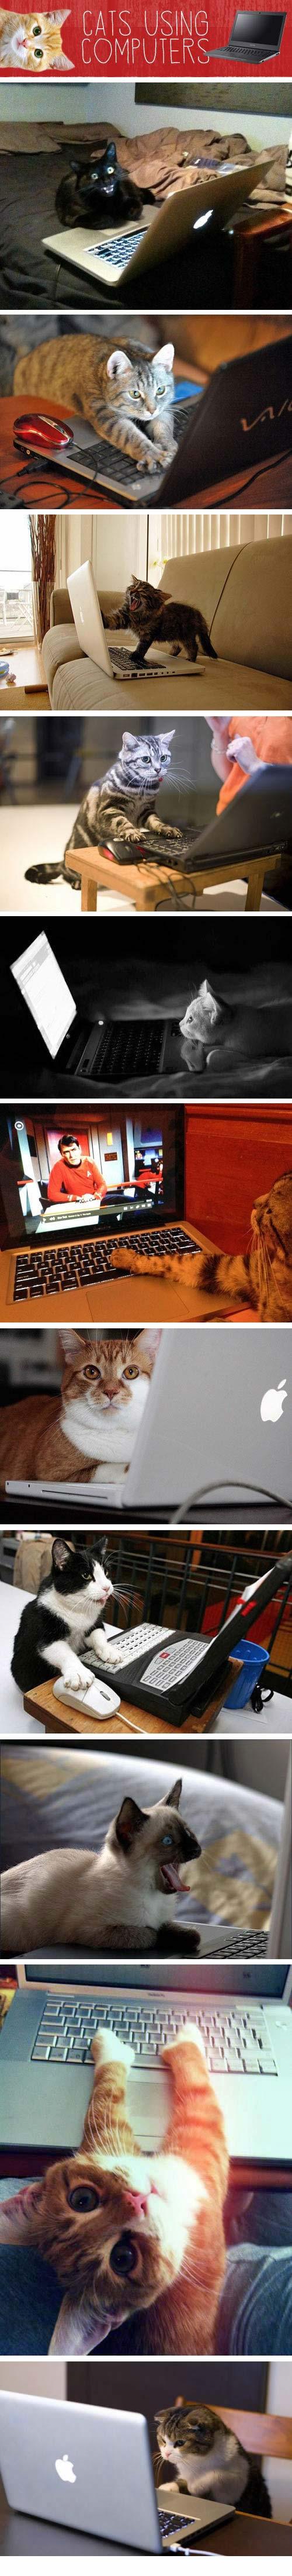 Katinai naudojasi kompiuteriais